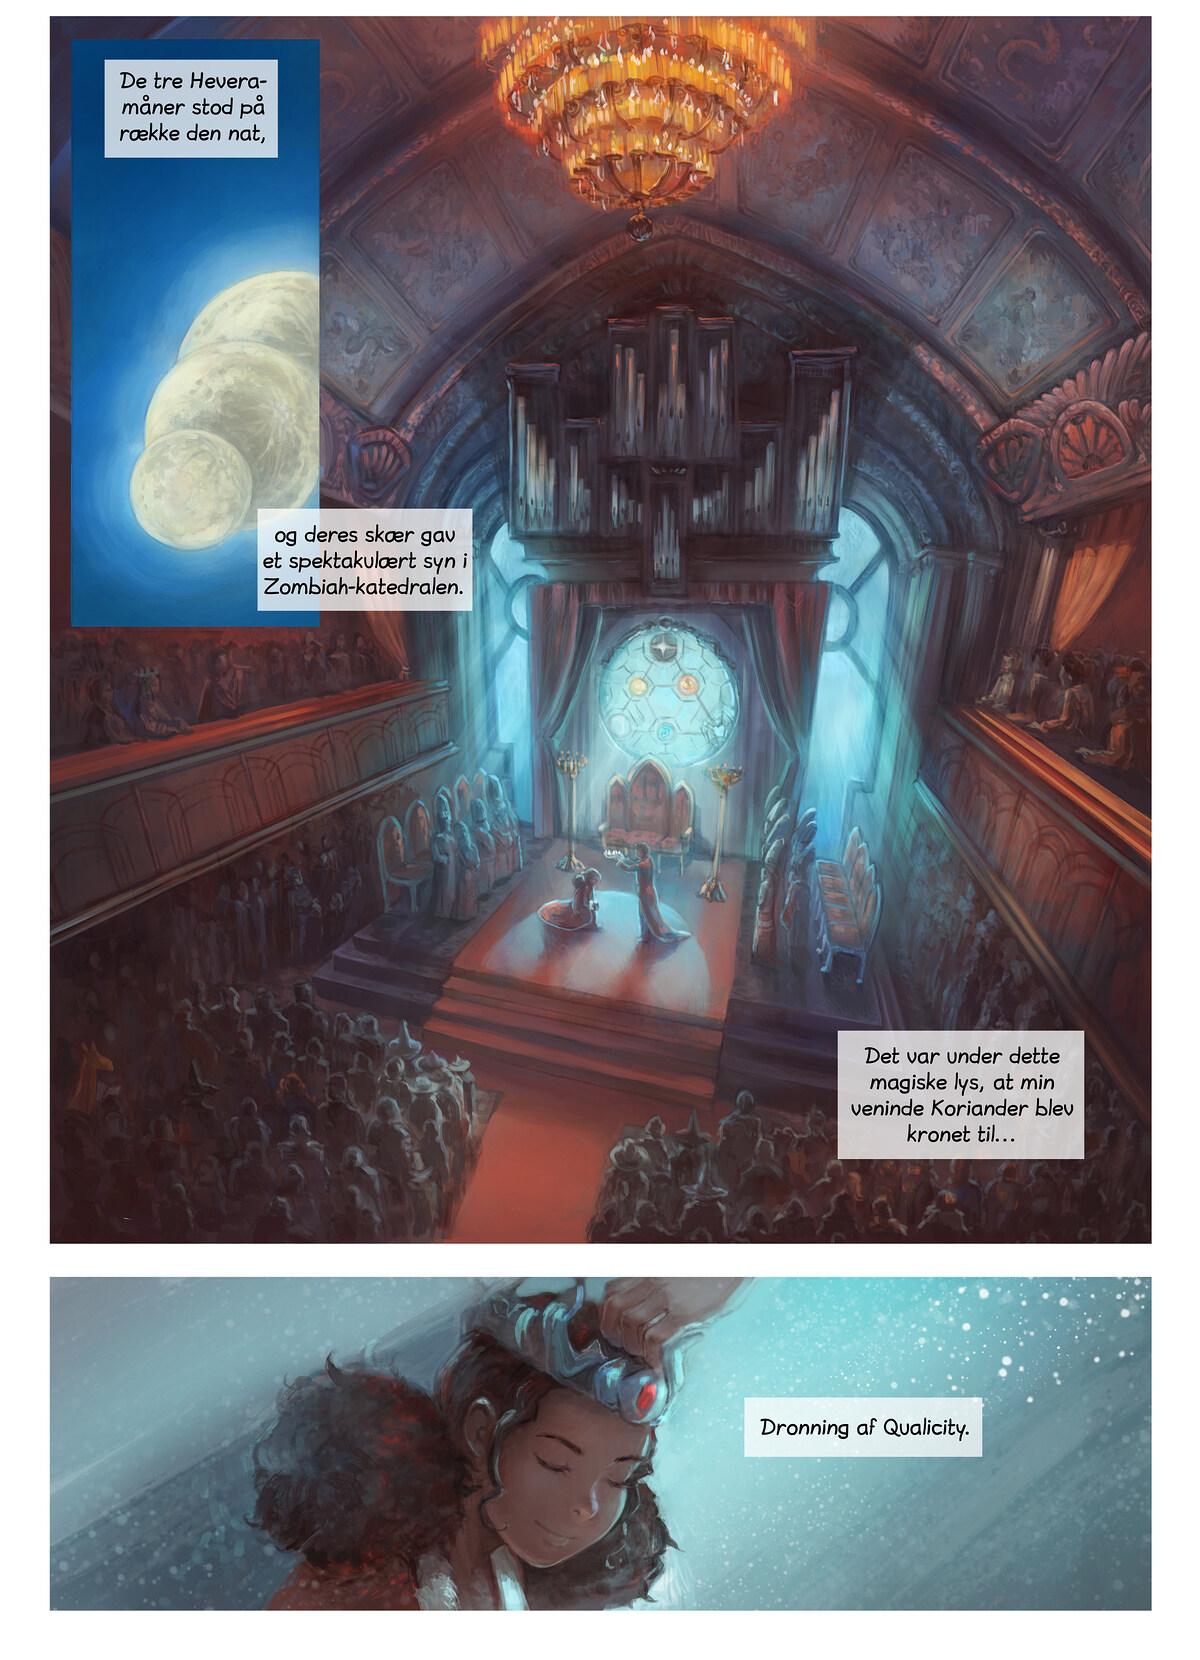 Episode 28: Festlighederne, Page 1